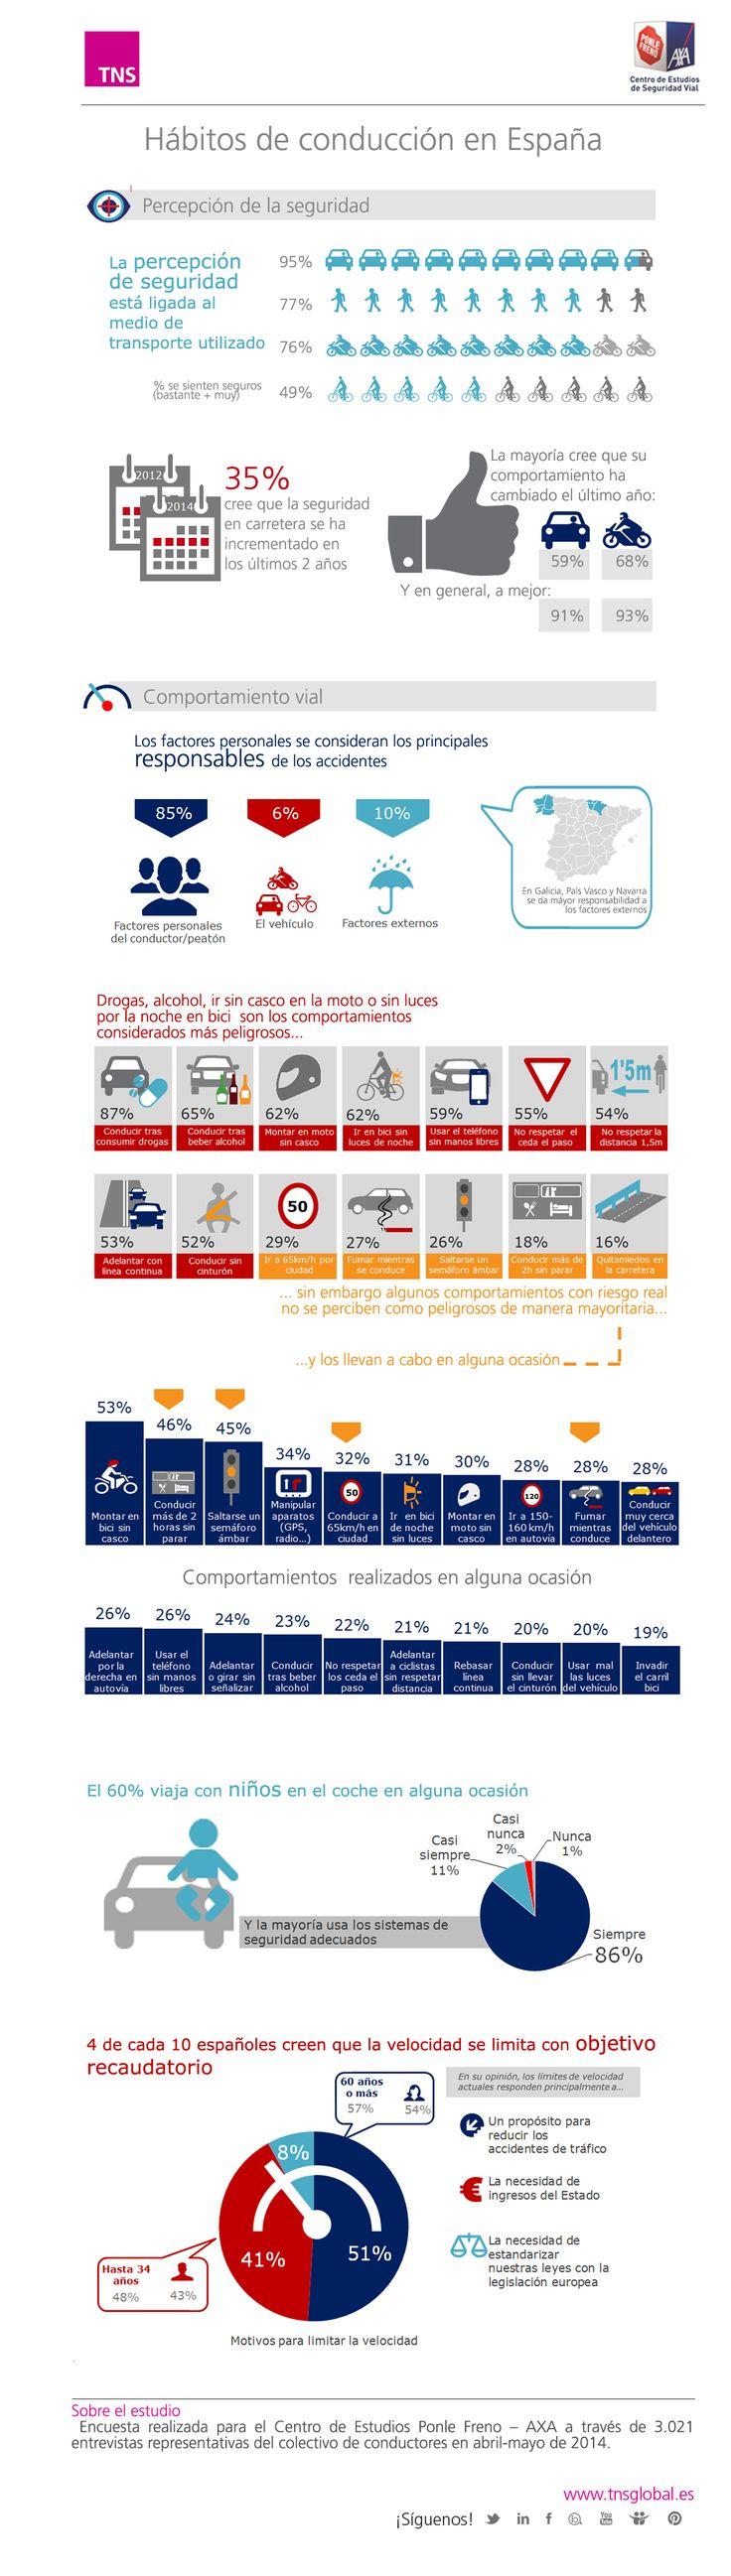 Estudio Hábitos de Conducción para el Centro de Estudios Ponle Freno - AXA